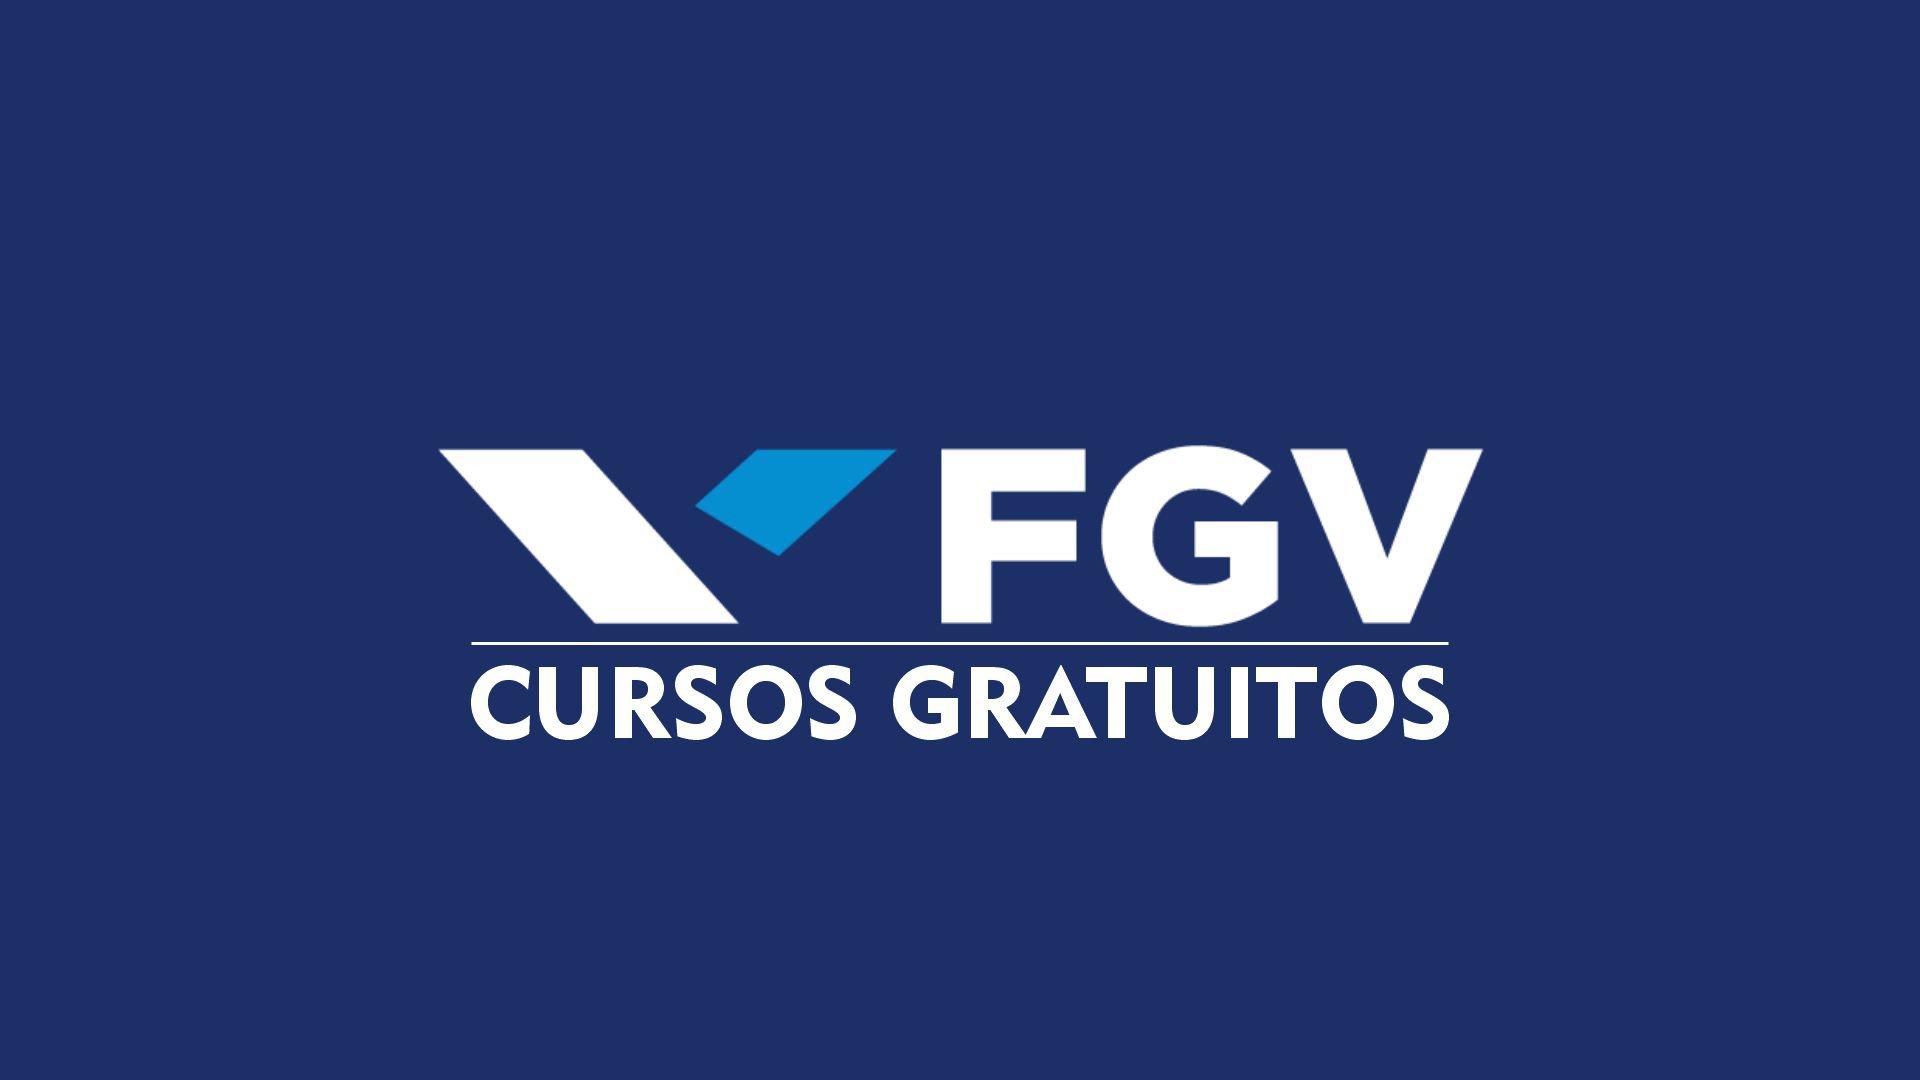 Cursos gratuitos da fgv